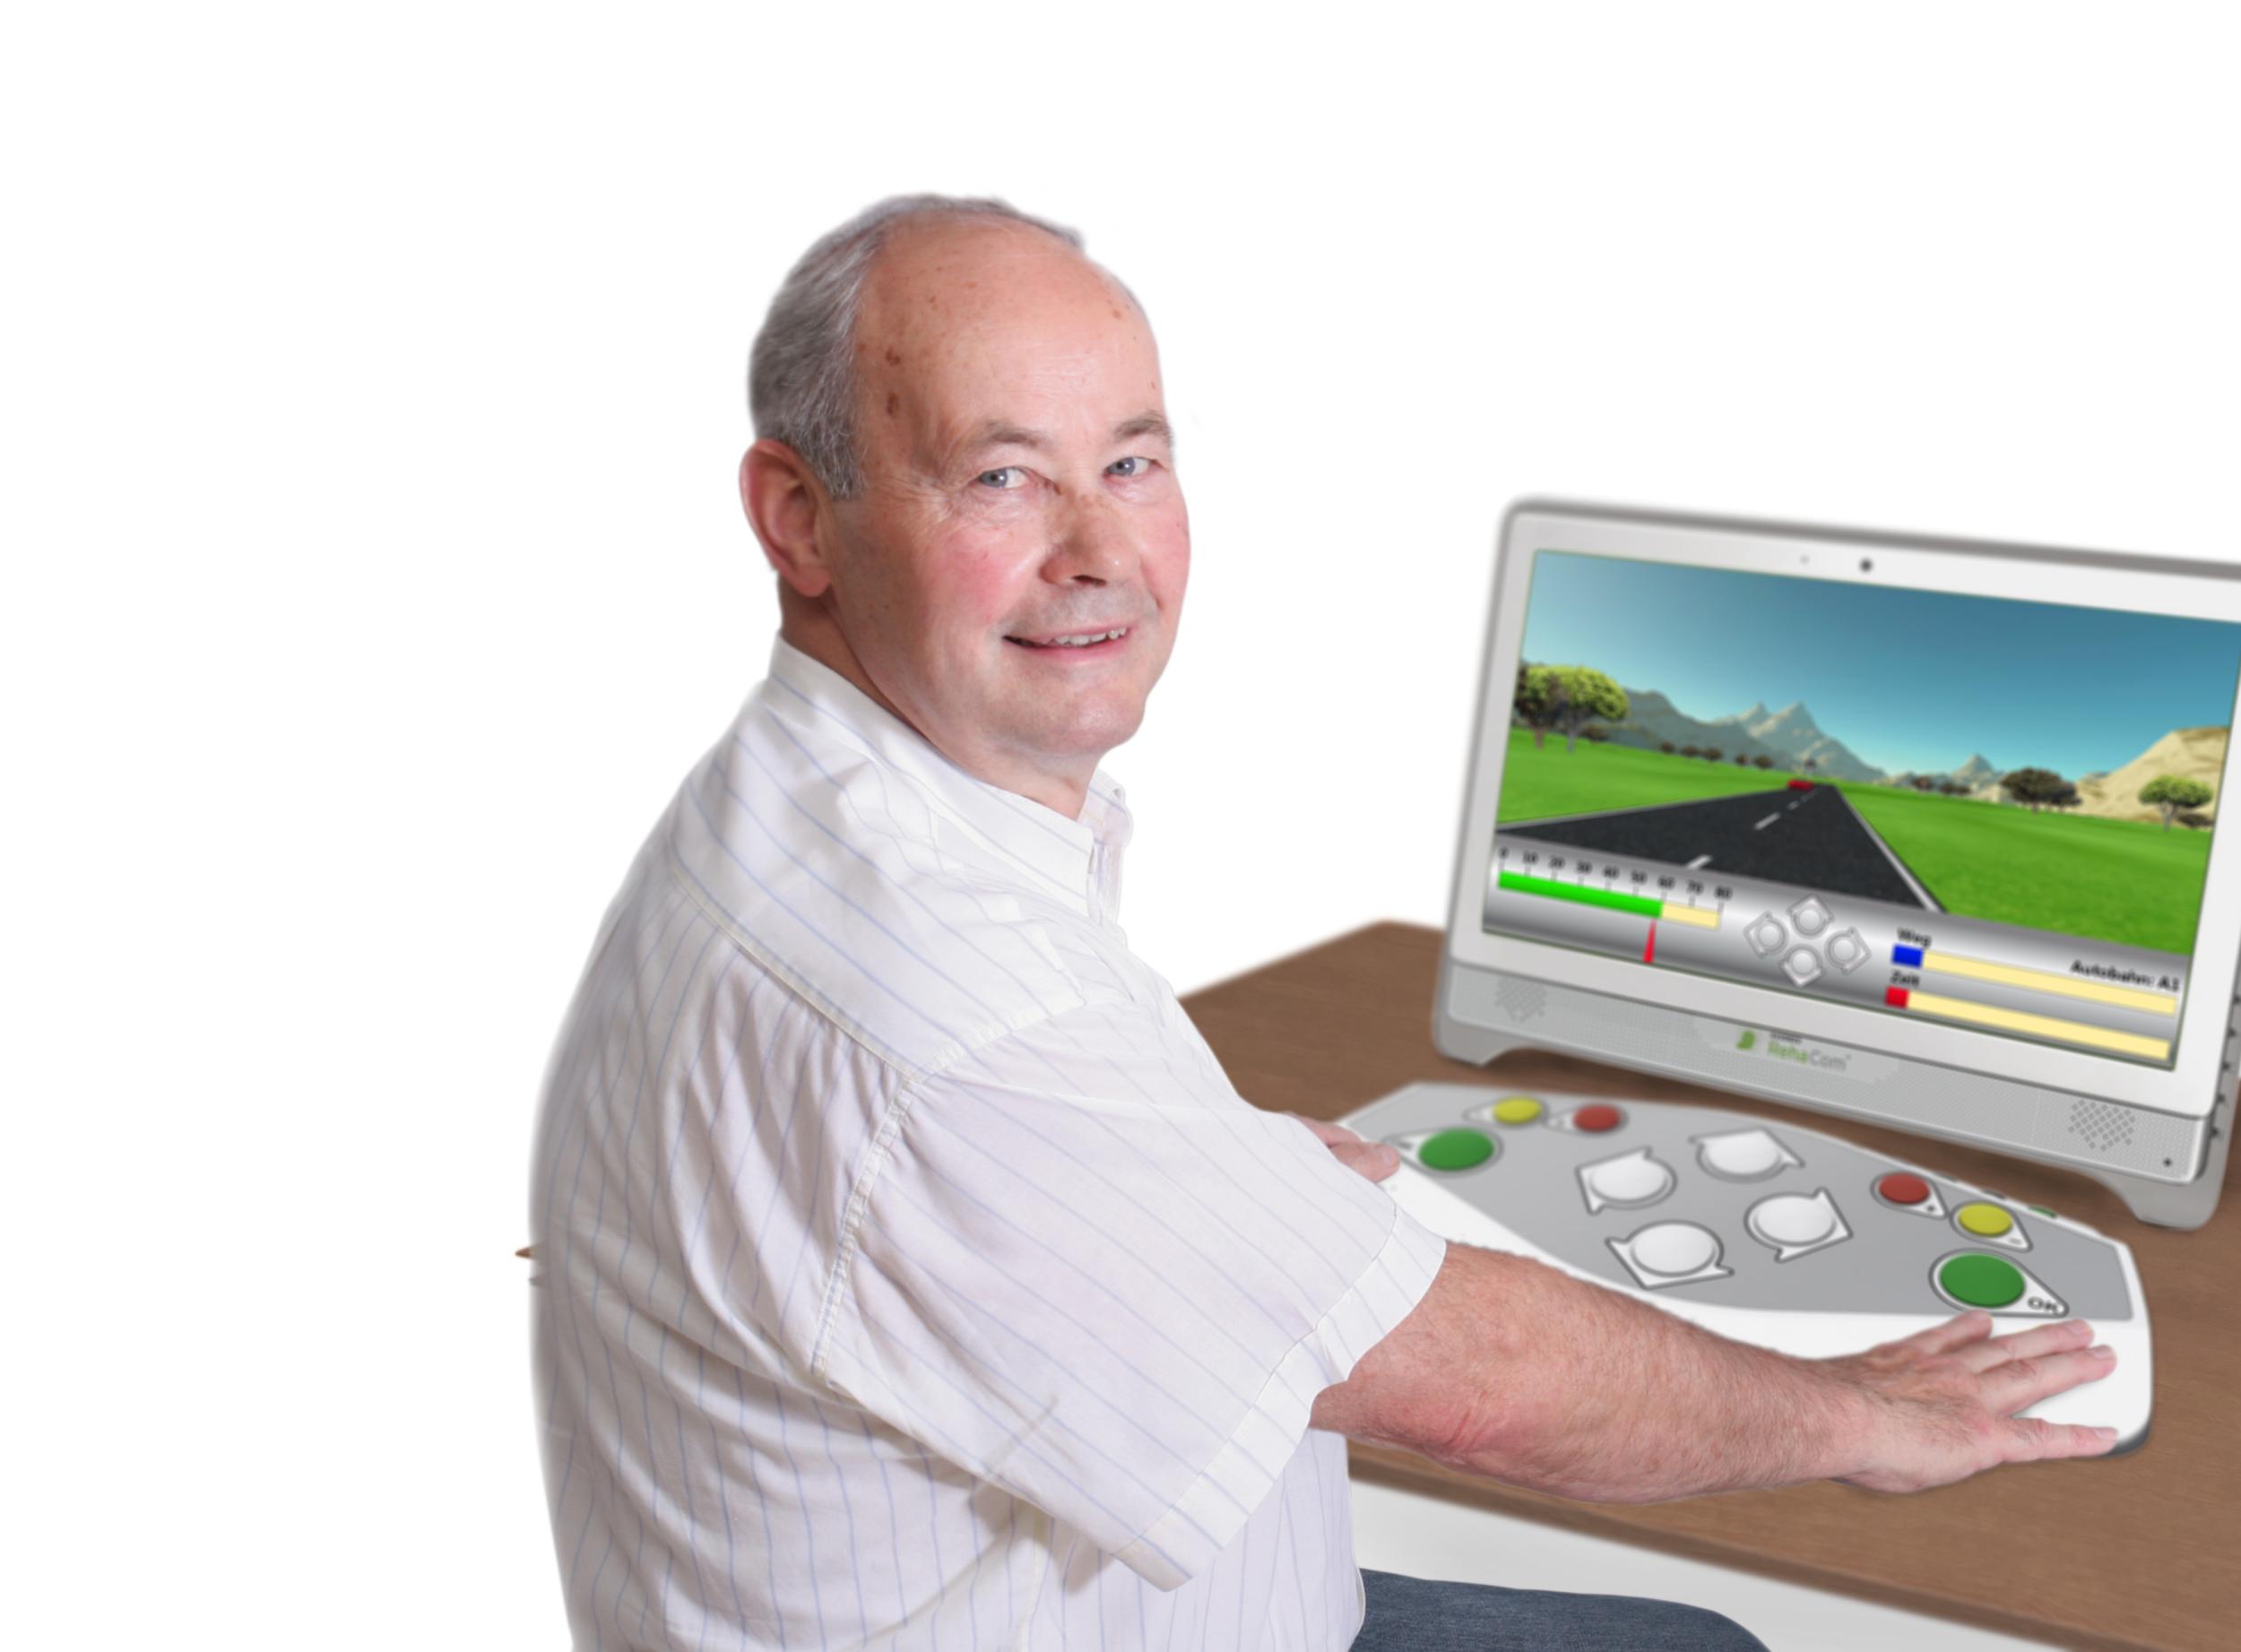 RehaCom runs on a Windows PC